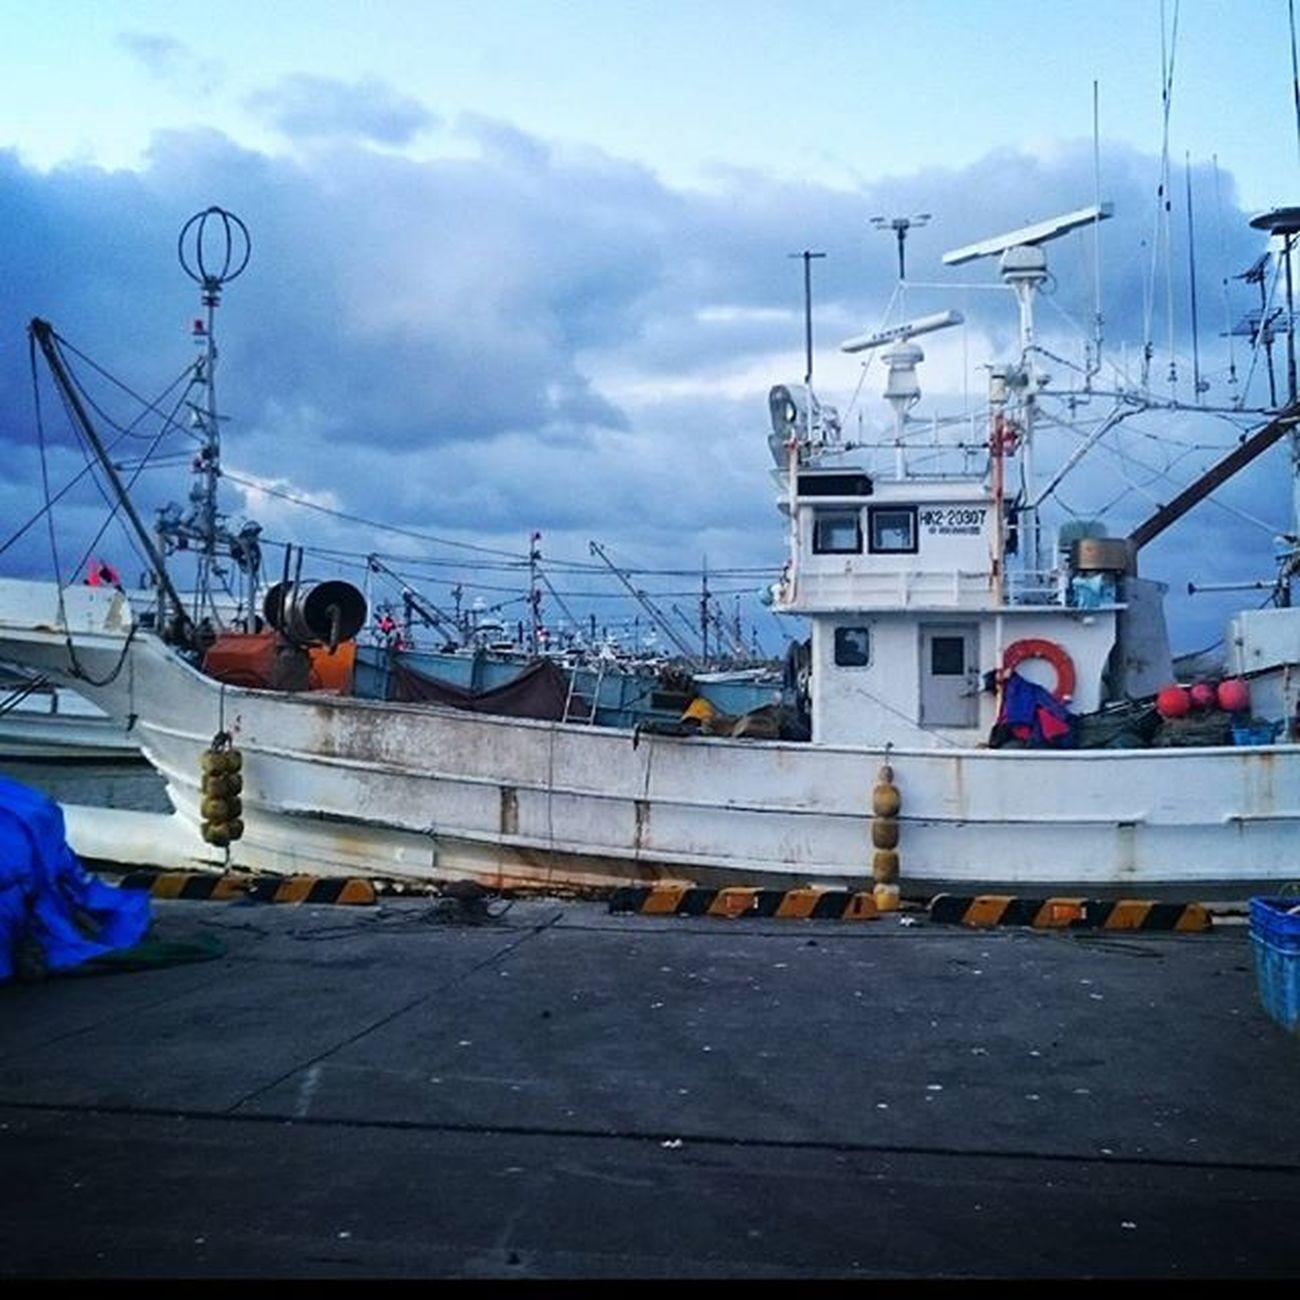 """なおのしんphoto 昨日のphotoから 鵡川漁港 漁船 おはようございます(*Ü*)ノ""""☀ 今日もゆるゆるっとよろしくねぇ💕 みなさんも、他にもSNSやってらっしゃるでしょうけど…… どこのSNSにも必ずヘンなの混じってます(´▽`) ア'` 安易にLINEの交換とかしないように 気をつけてね❤"""